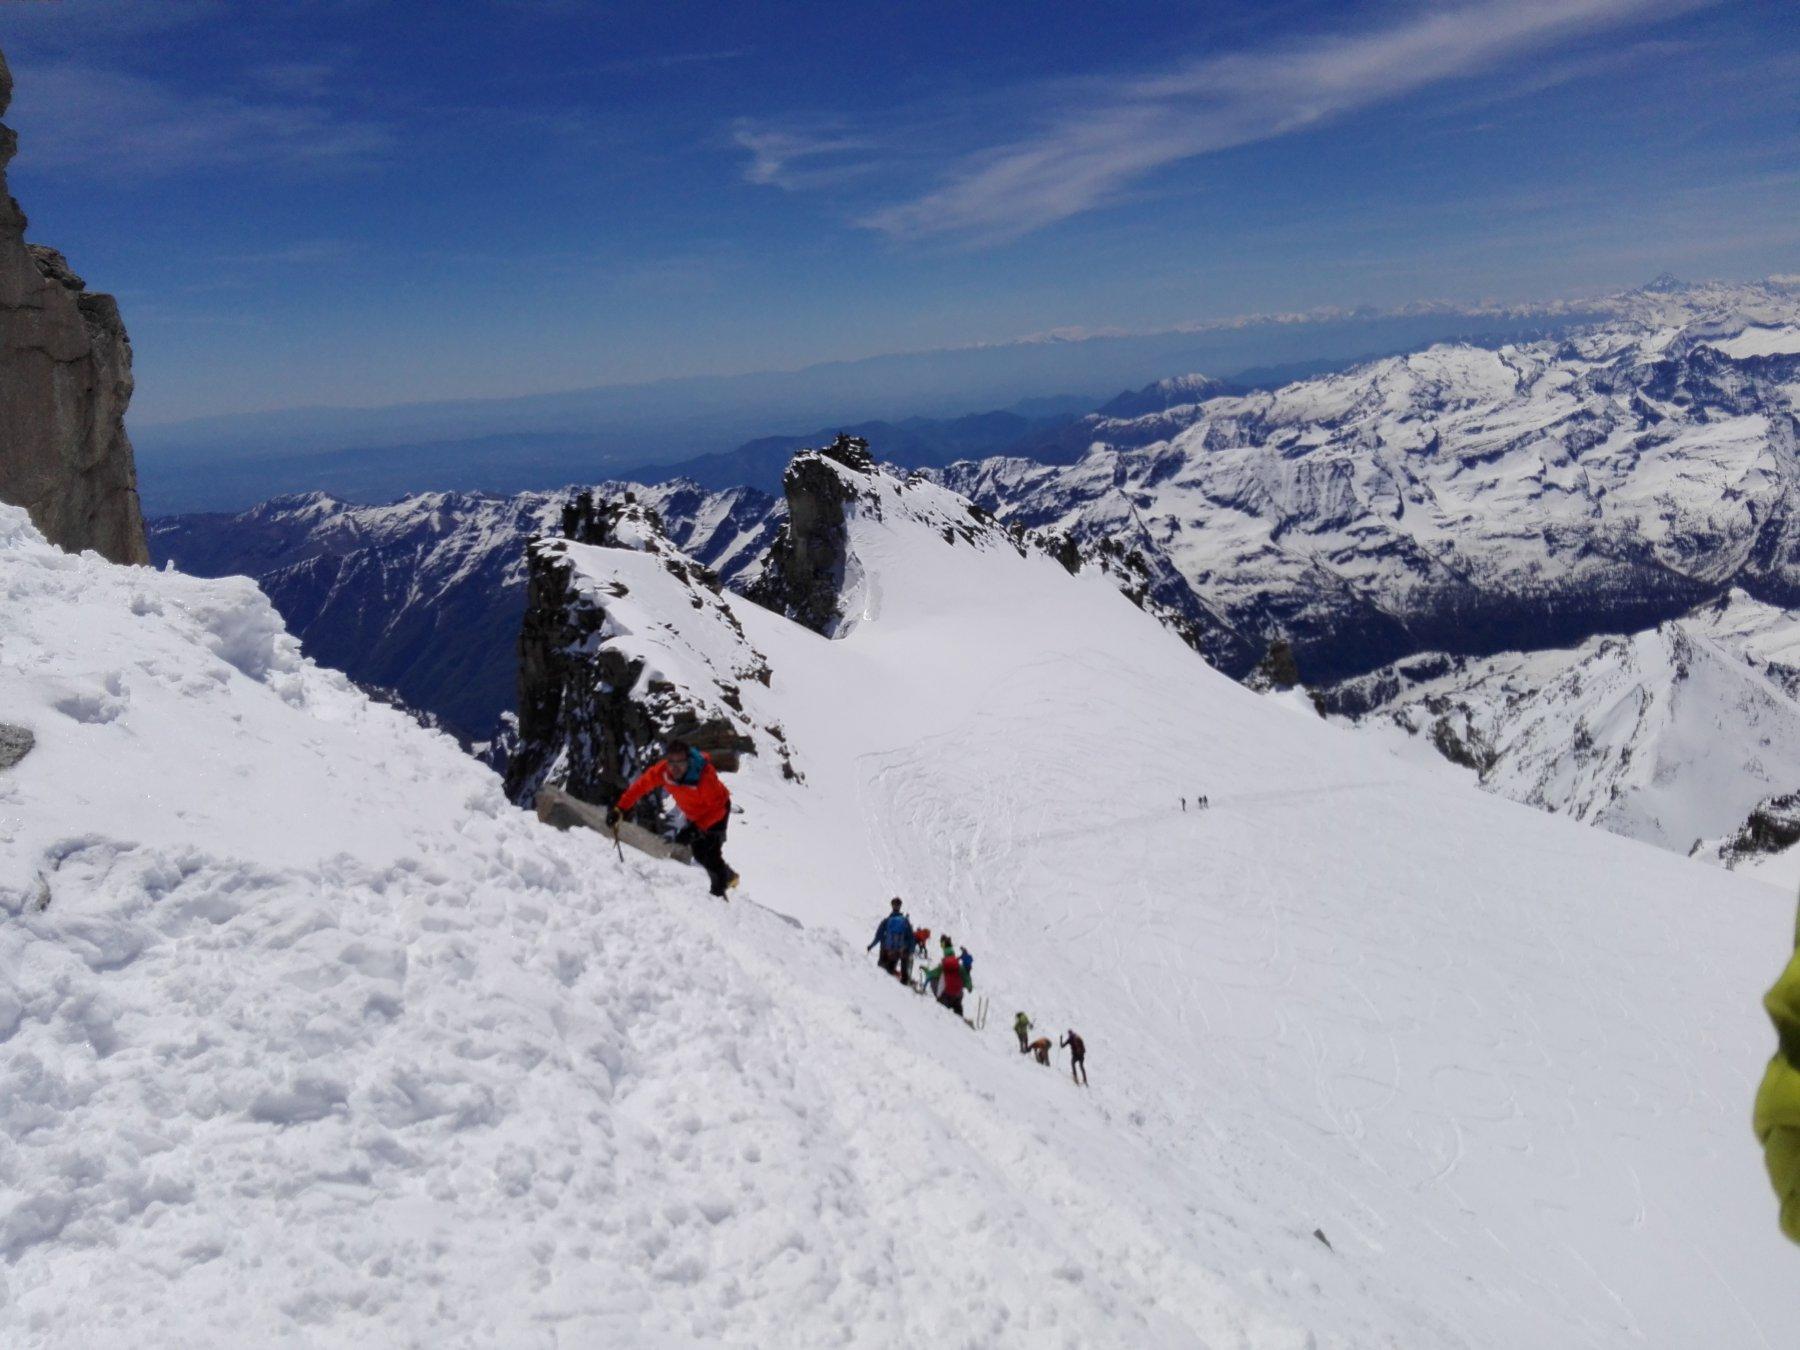 Facile arrampicata sulla neve dopo il deposito sci